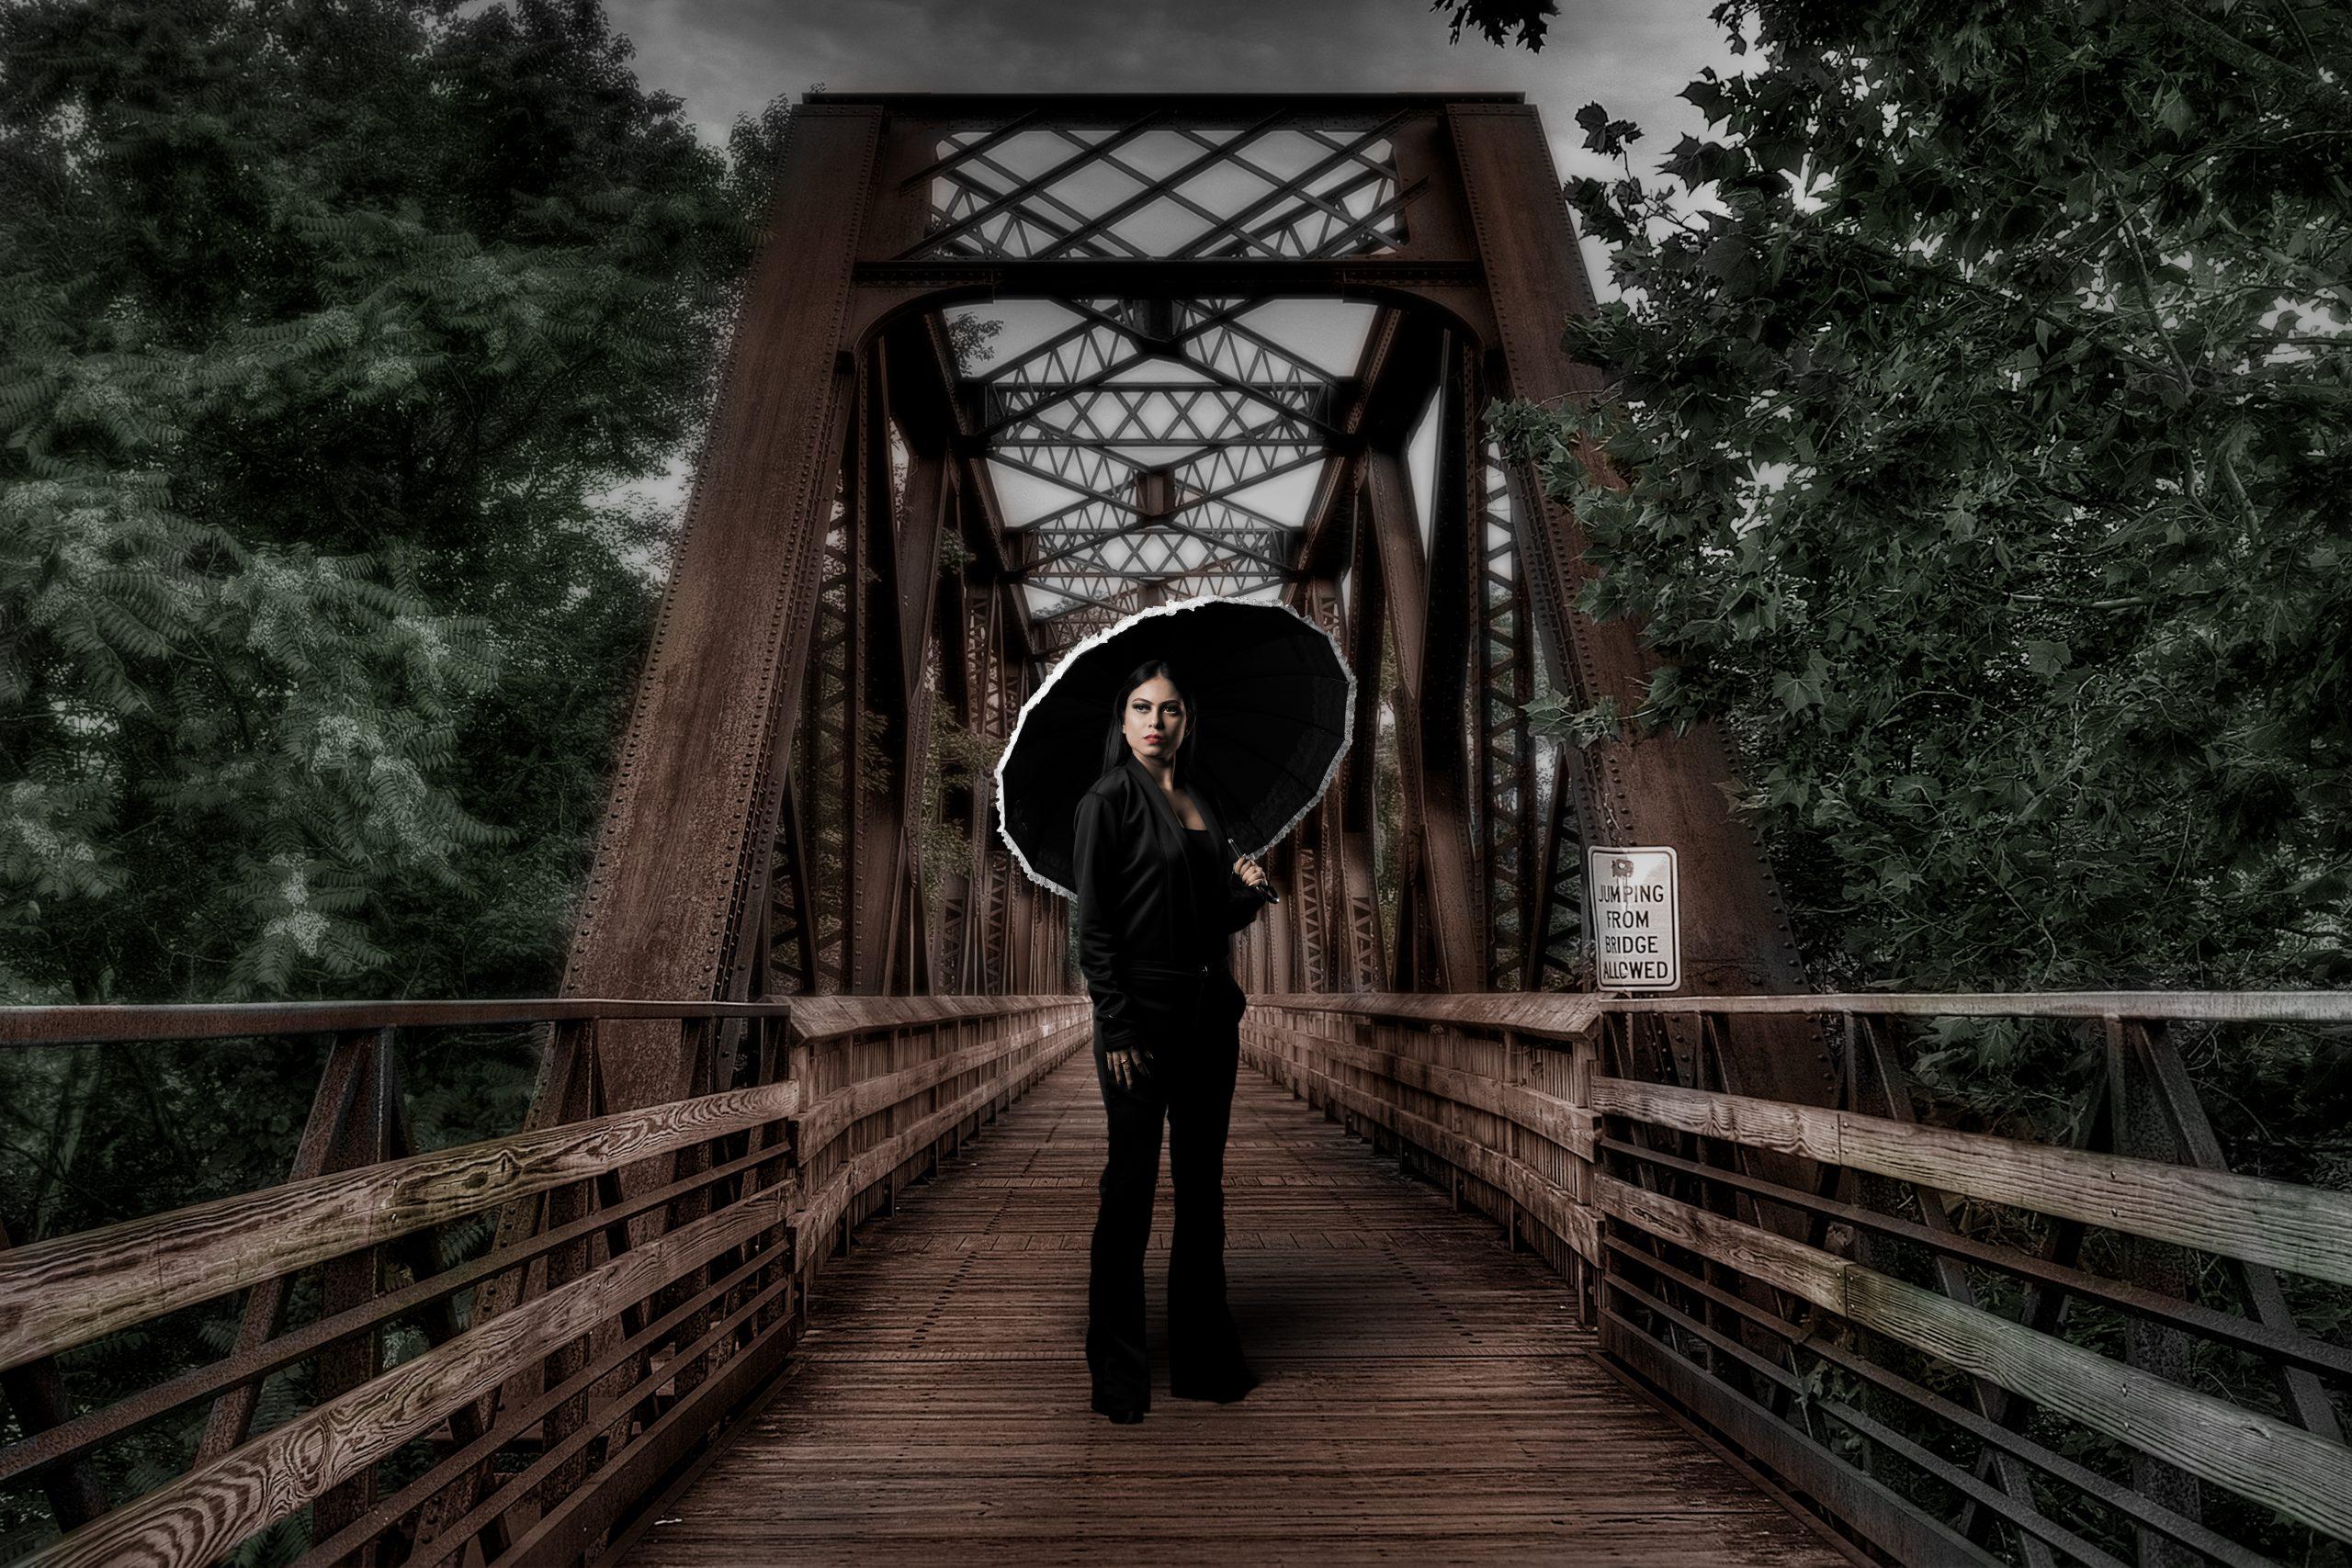 woman with umbrella on bridge